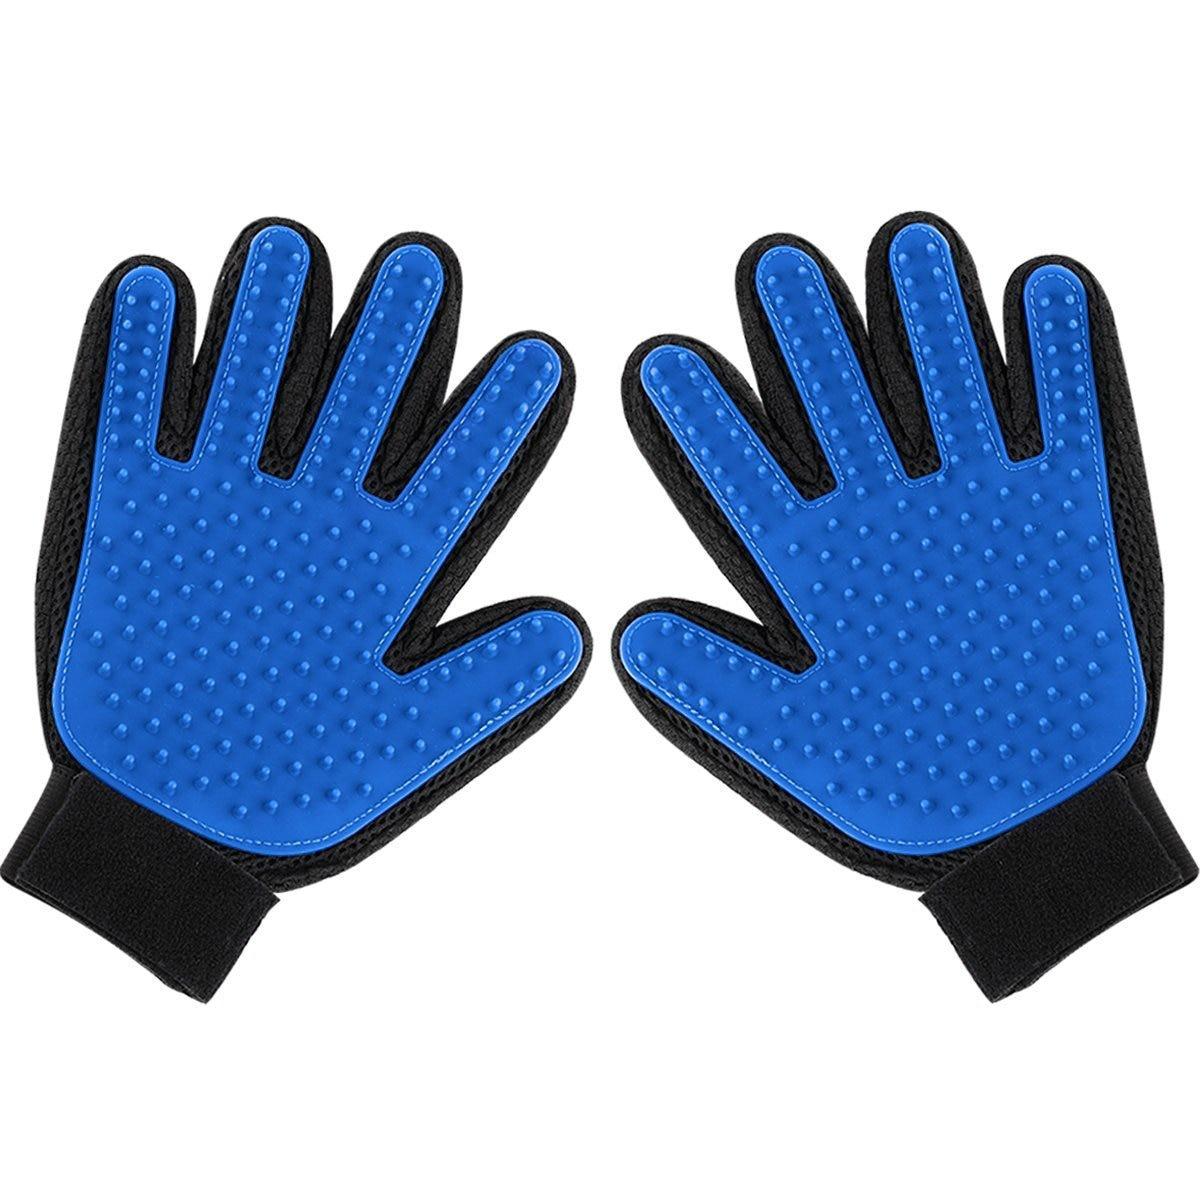 부드럽고 효율적인 애완견을위한 2 팩 목욕 신랑 장갑 업그레이드 장갑 손질 브러쉬 빗 그루머 도구 마사지 오른쪽 왼쪽